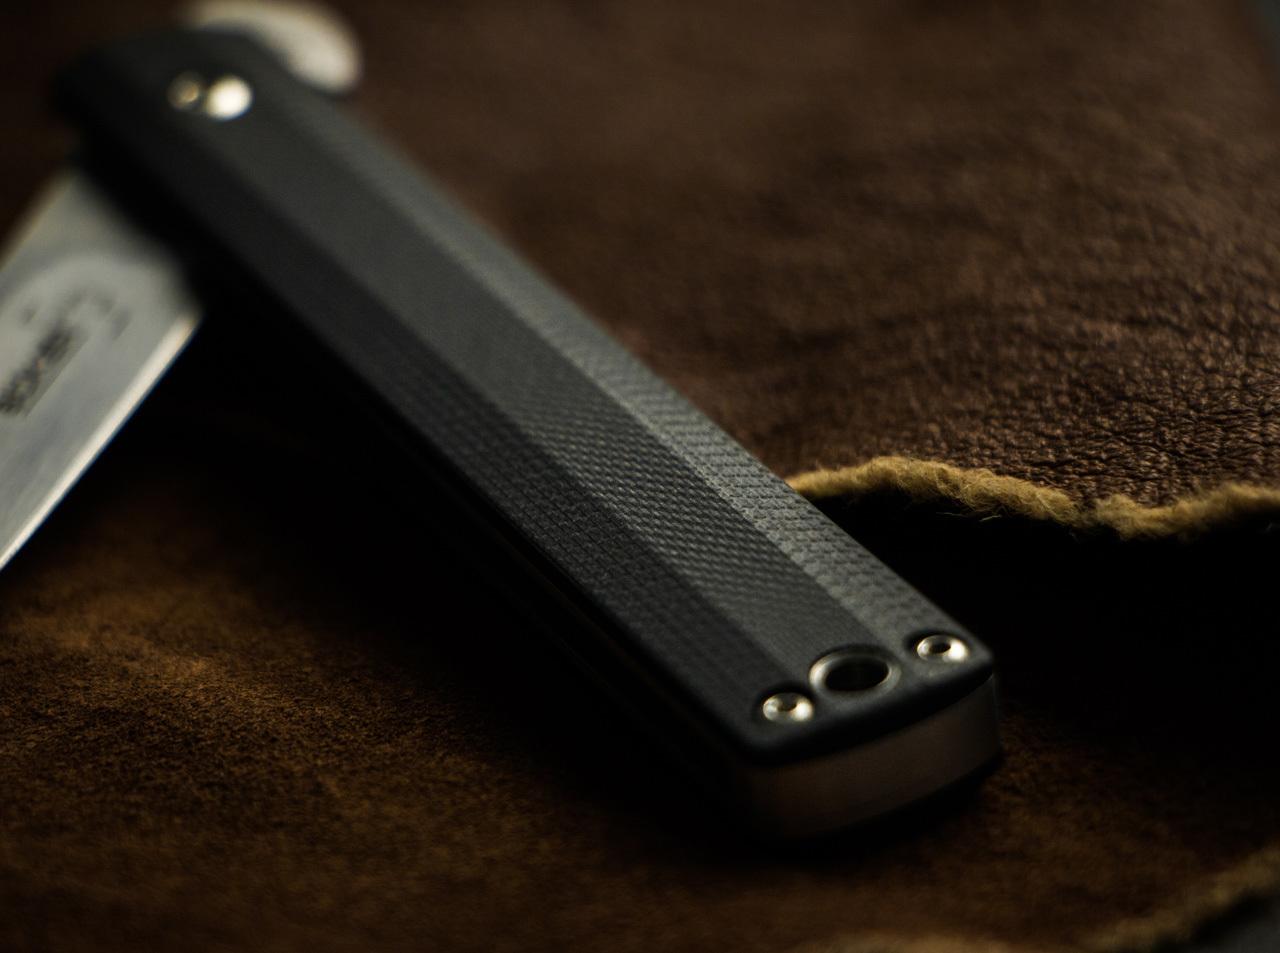 Фото 7 - Складной нож Wasabi G10 - Boker Plus 01BO630, лезвие сталь 440C Satin, рукоять стеклотекстолит G-10, чёрный